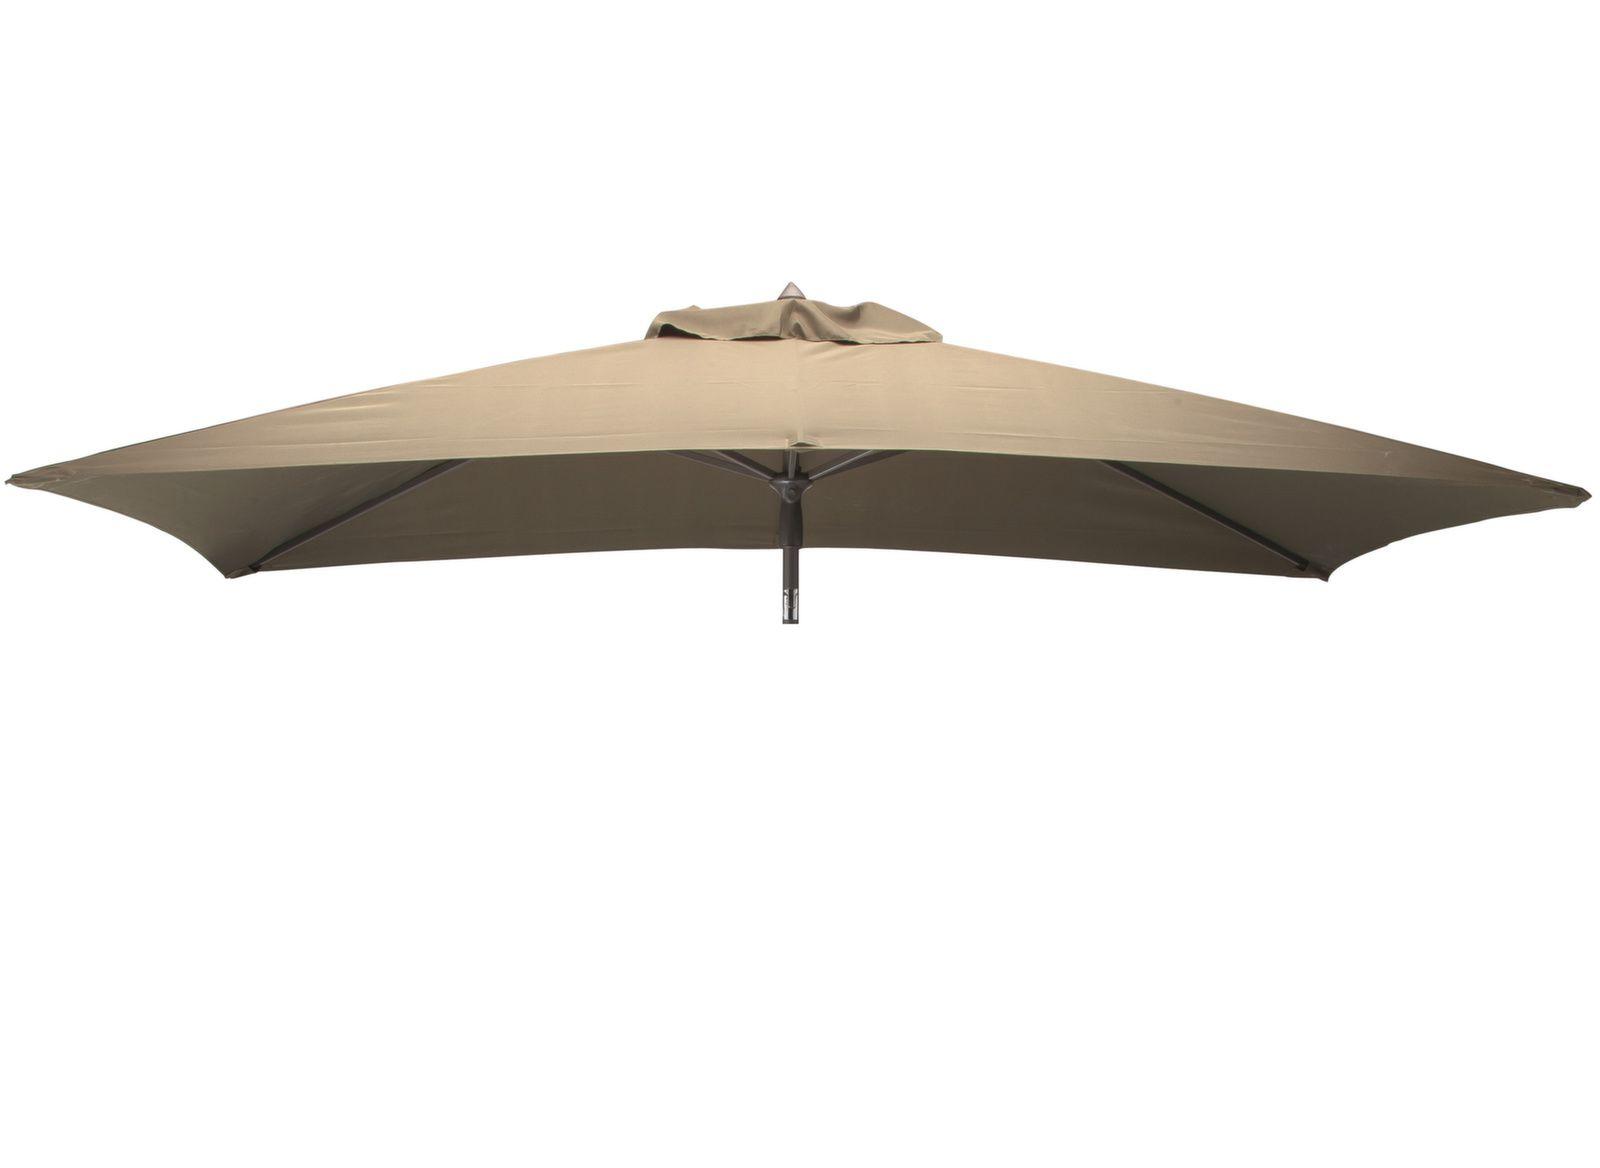 toile de remplacement parasol 3x2m mobilier de jardin proloisirs. Black Bedroom Furniture Sets. Home Design Ideas